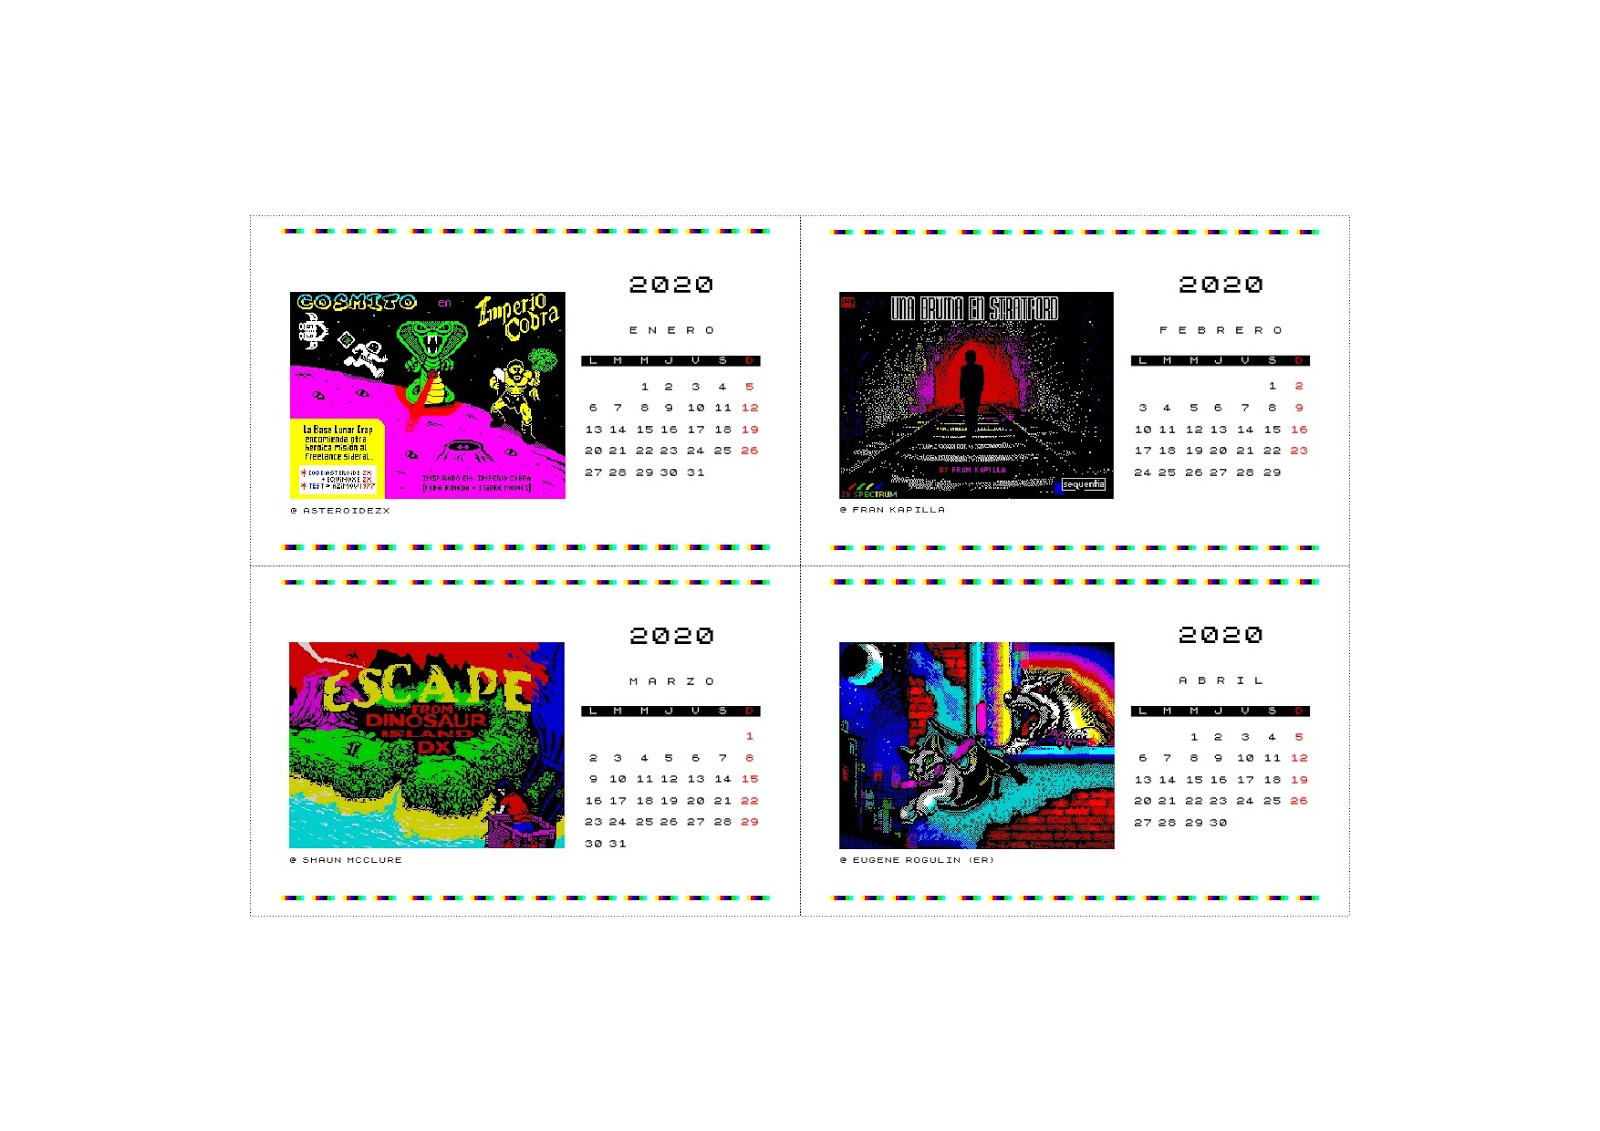 Calendario 2020 ZX Espectrumero, de Darío Ruellan